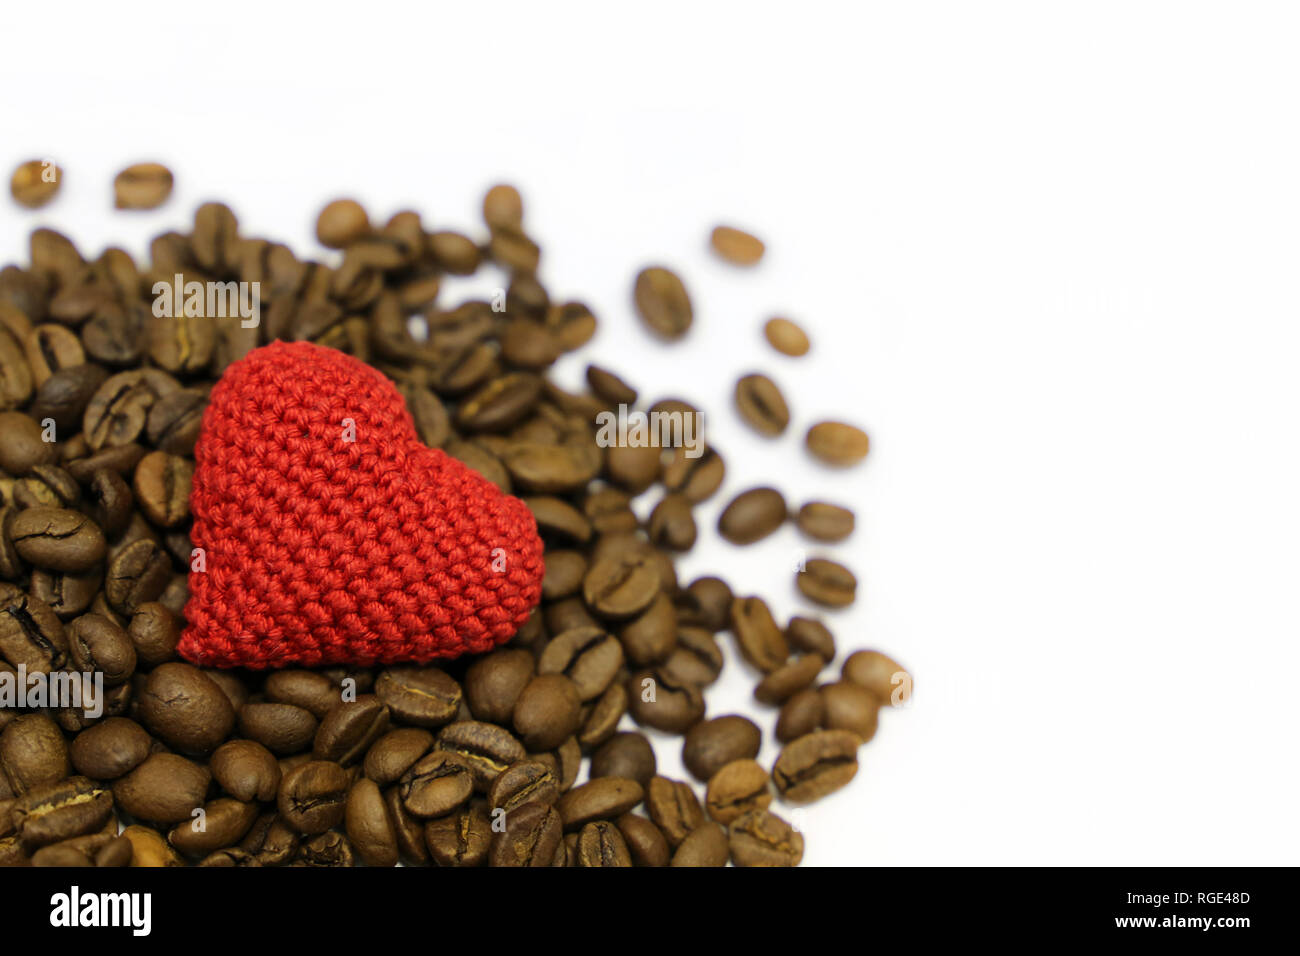 El amor al corazón de San Valentín, café y café tostado en grano aislado sobre fondo blanco. Tejido rojo símbolo del amor, el concepto de desayuno romántico Foto de stock